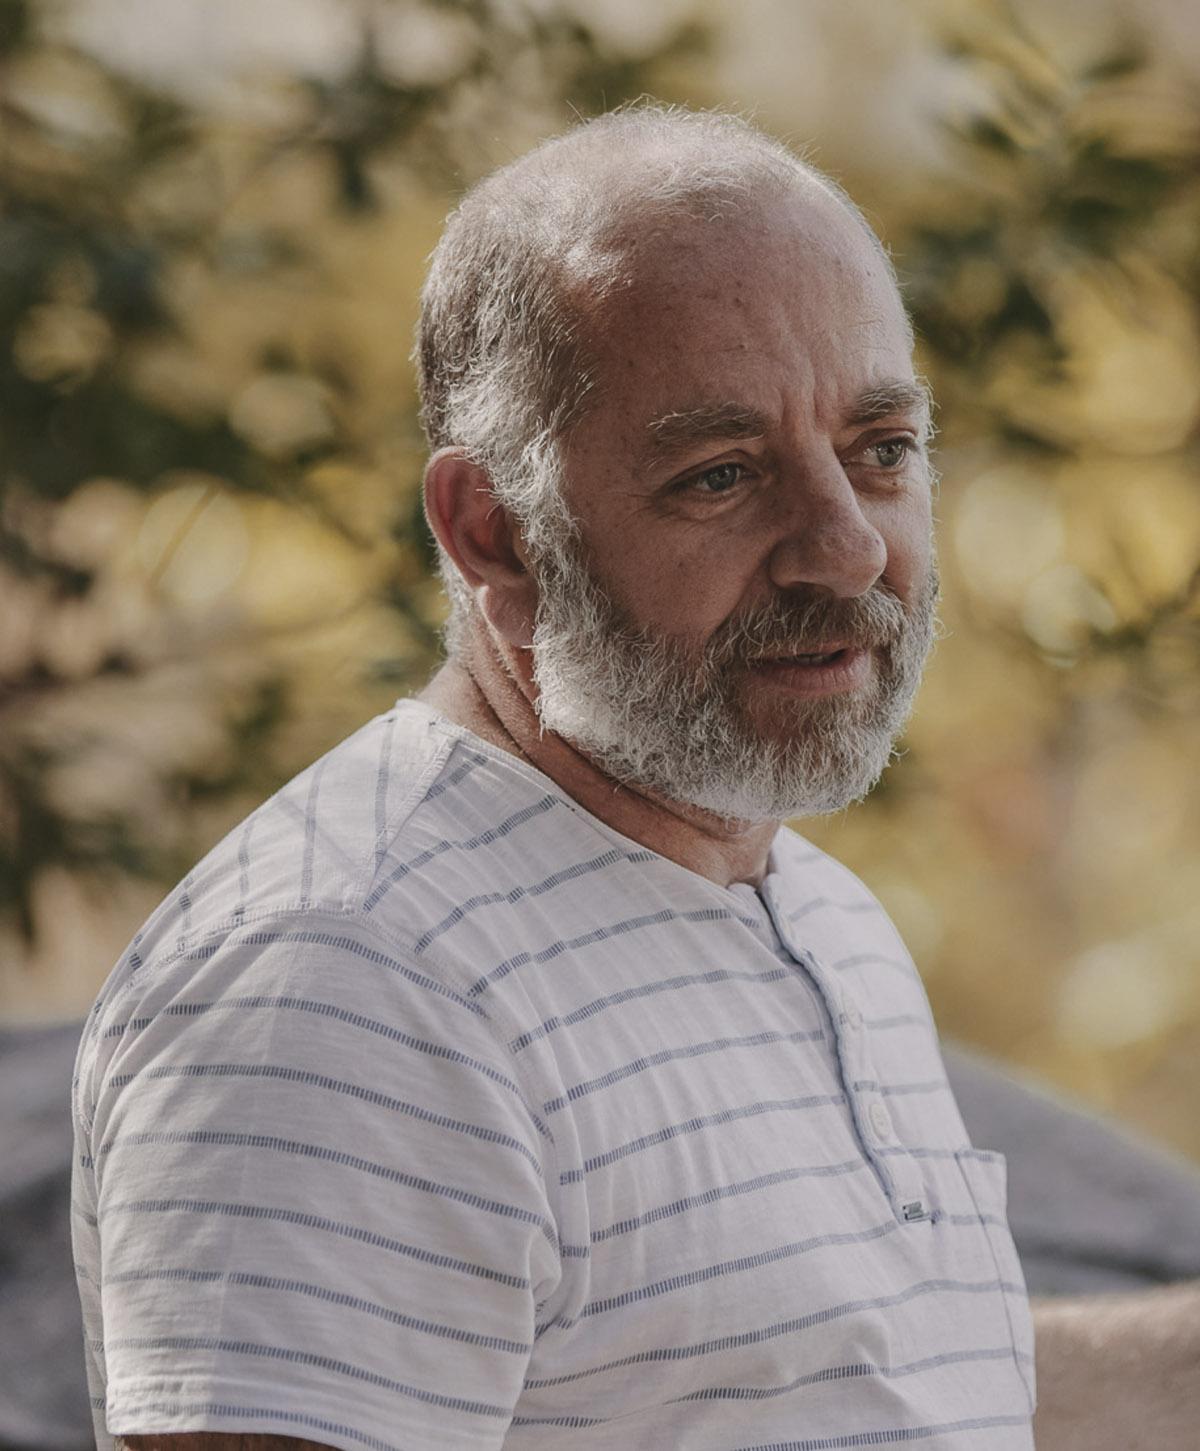 Miguel Palma